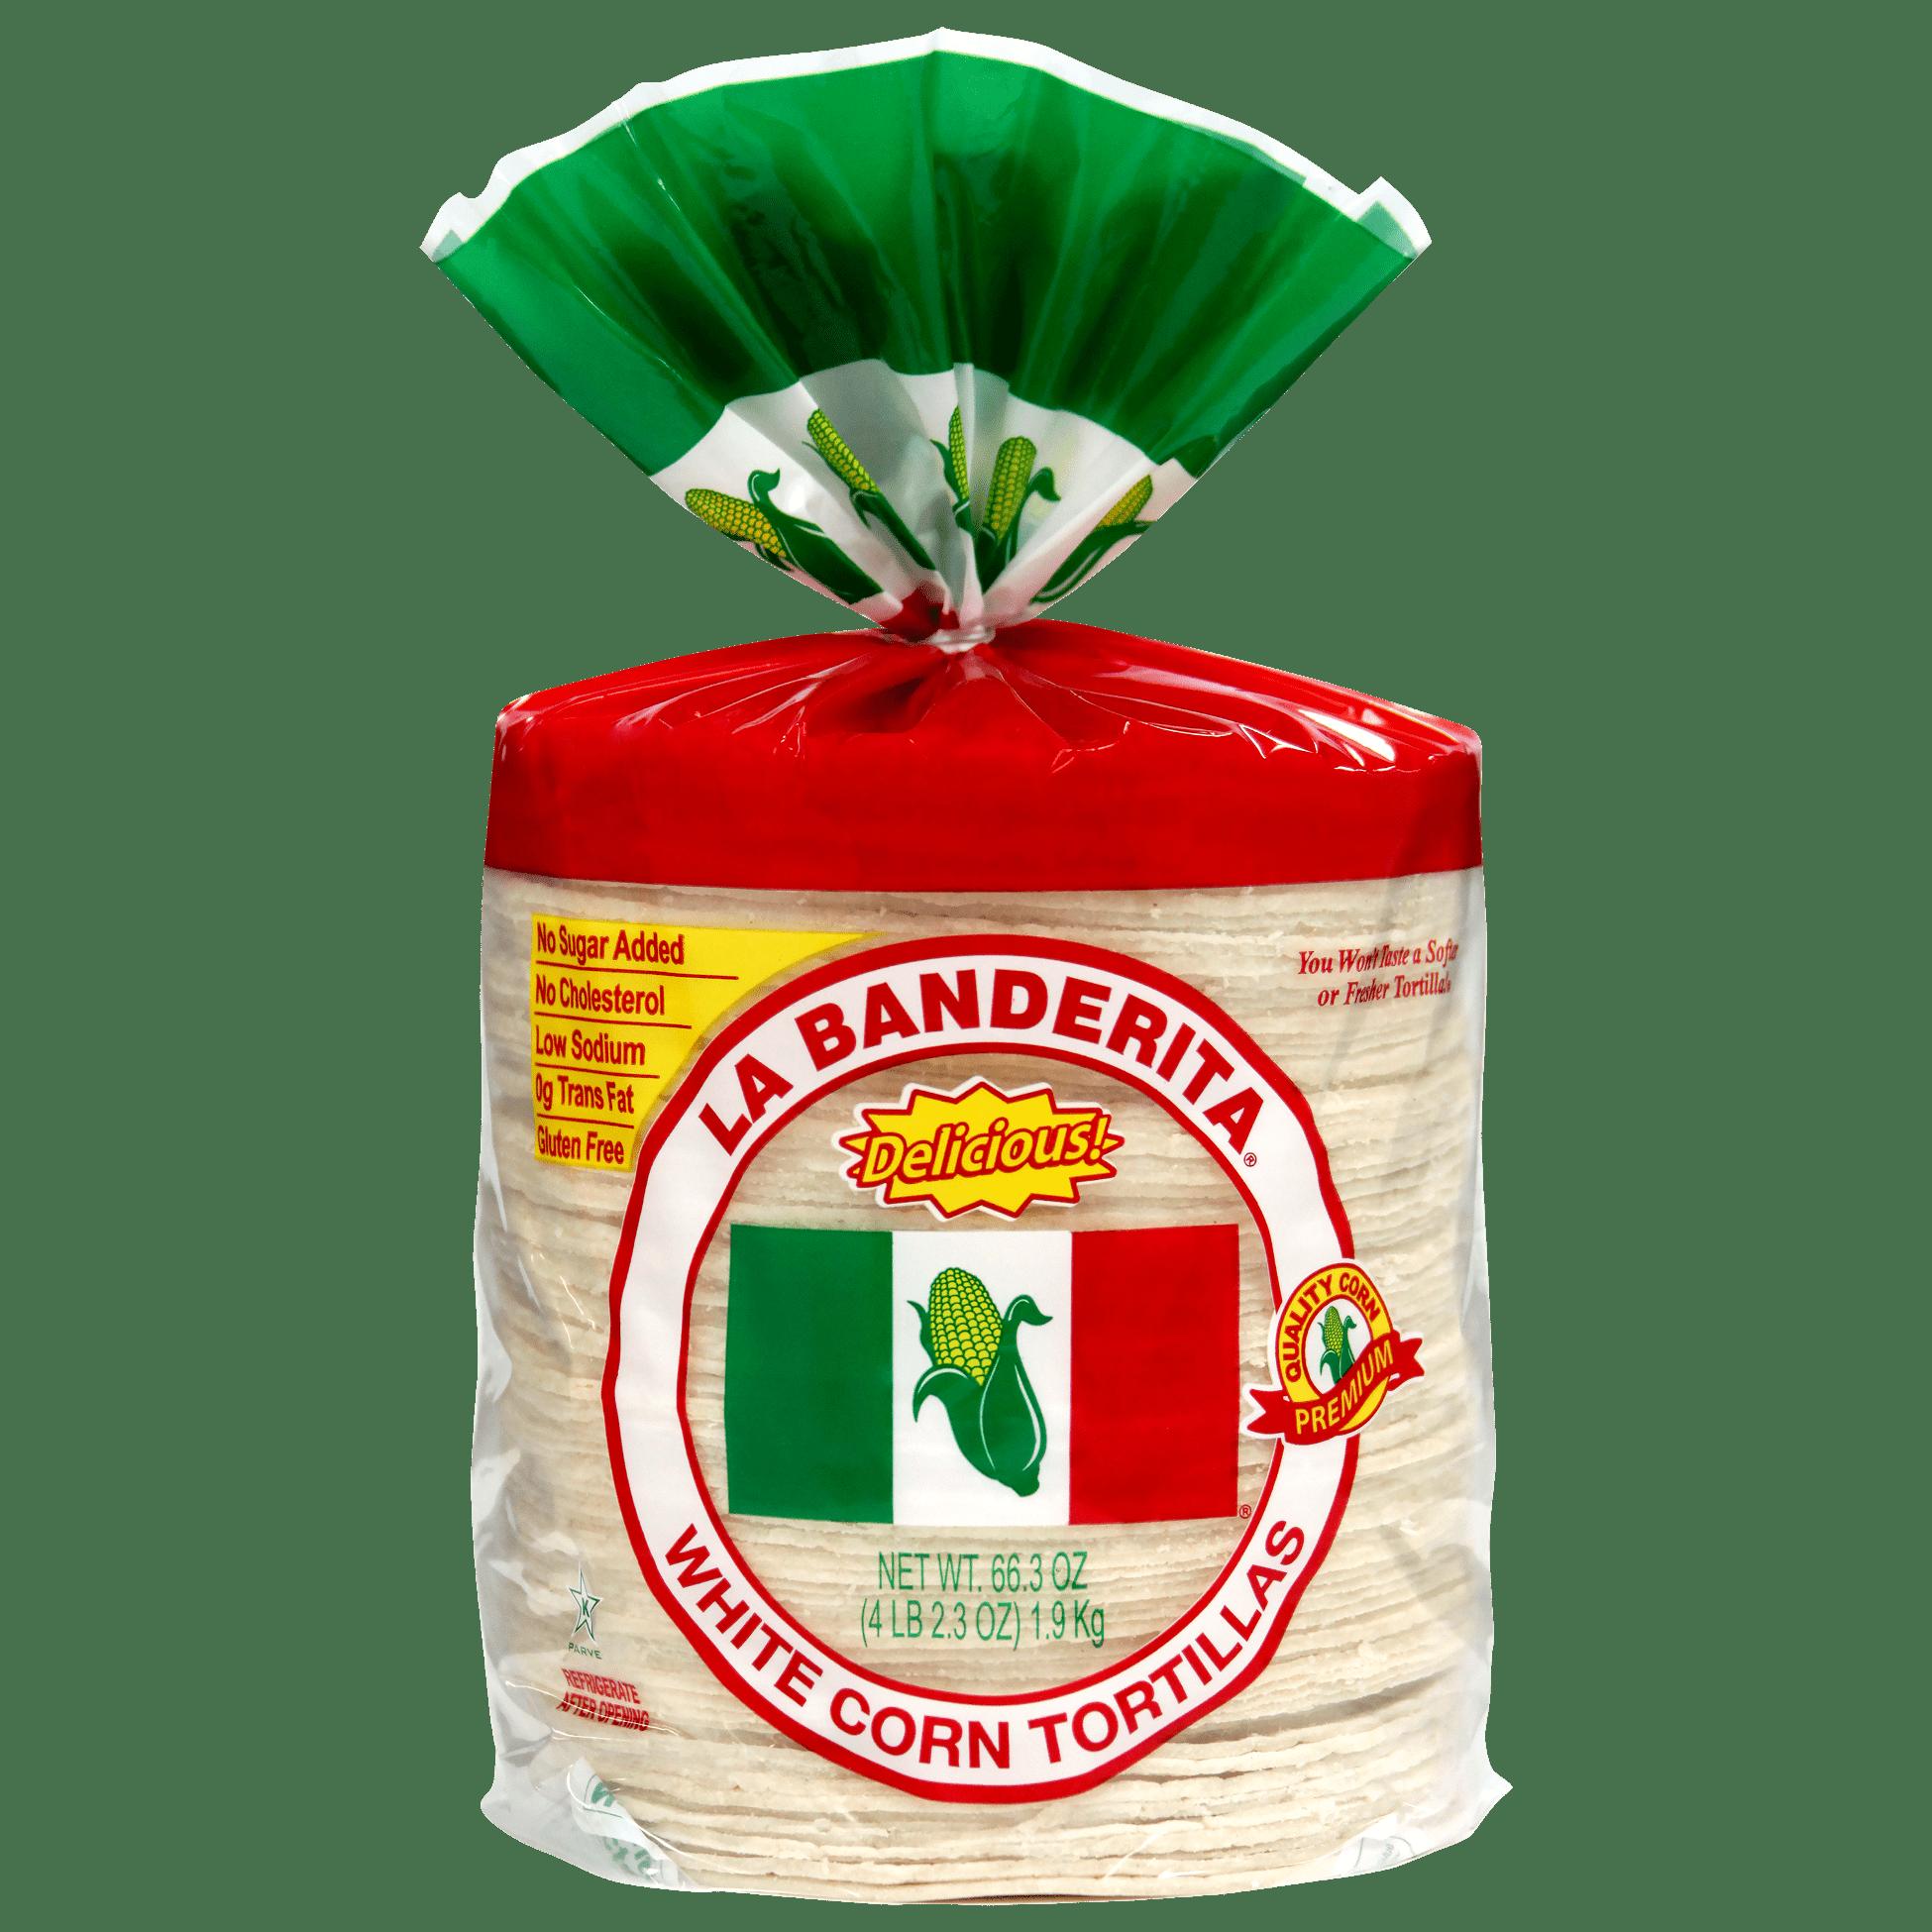 0105 - La Banderita White Corn - Front